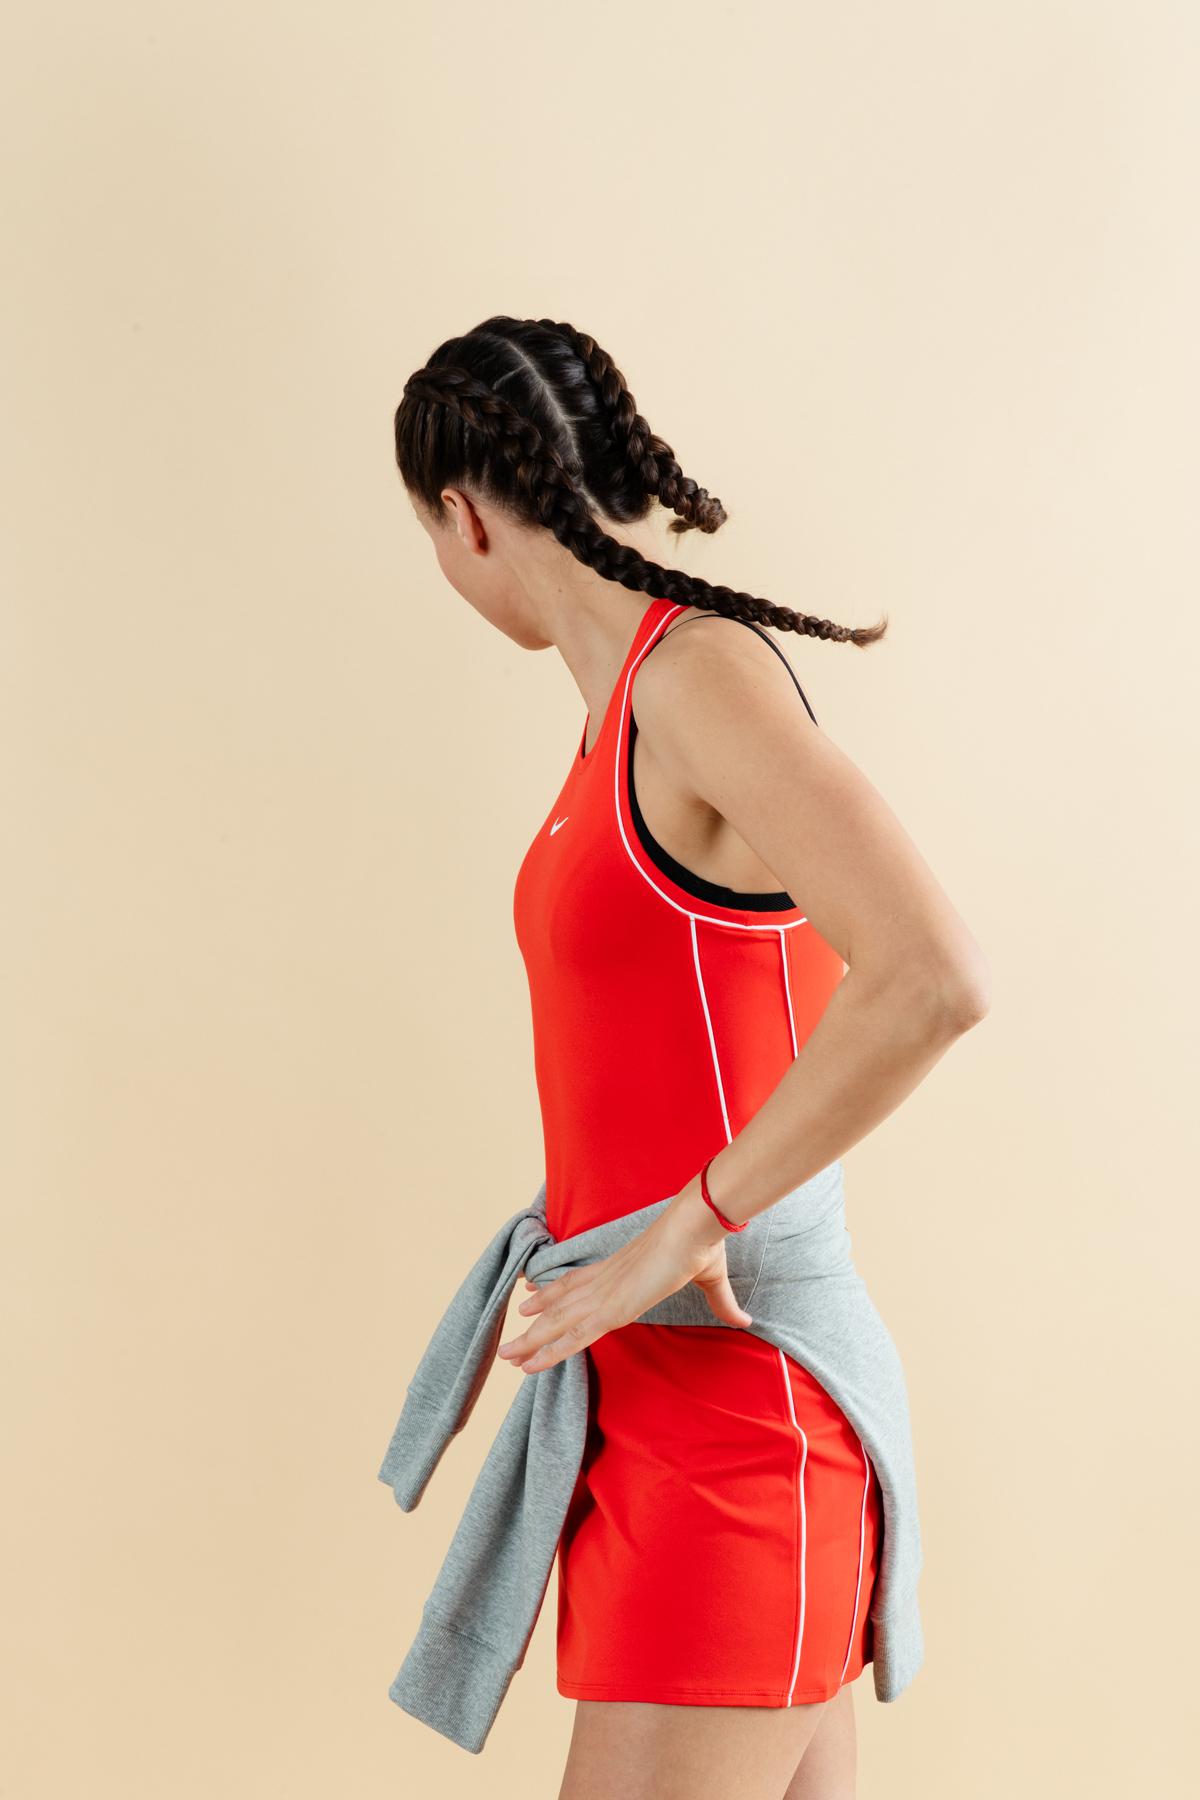 Athletic-portrait-with-braid-4.jpg